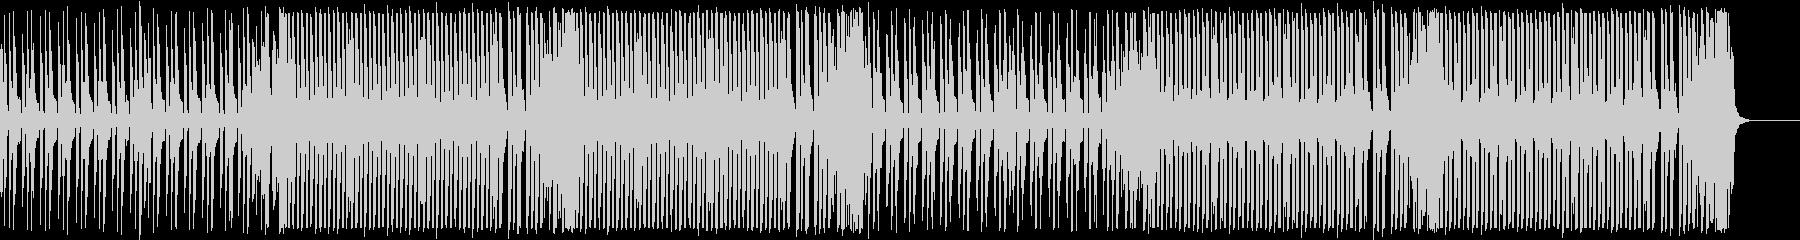 エレクトロスウィング/怪しげで楽しげな曲の未再生の波形